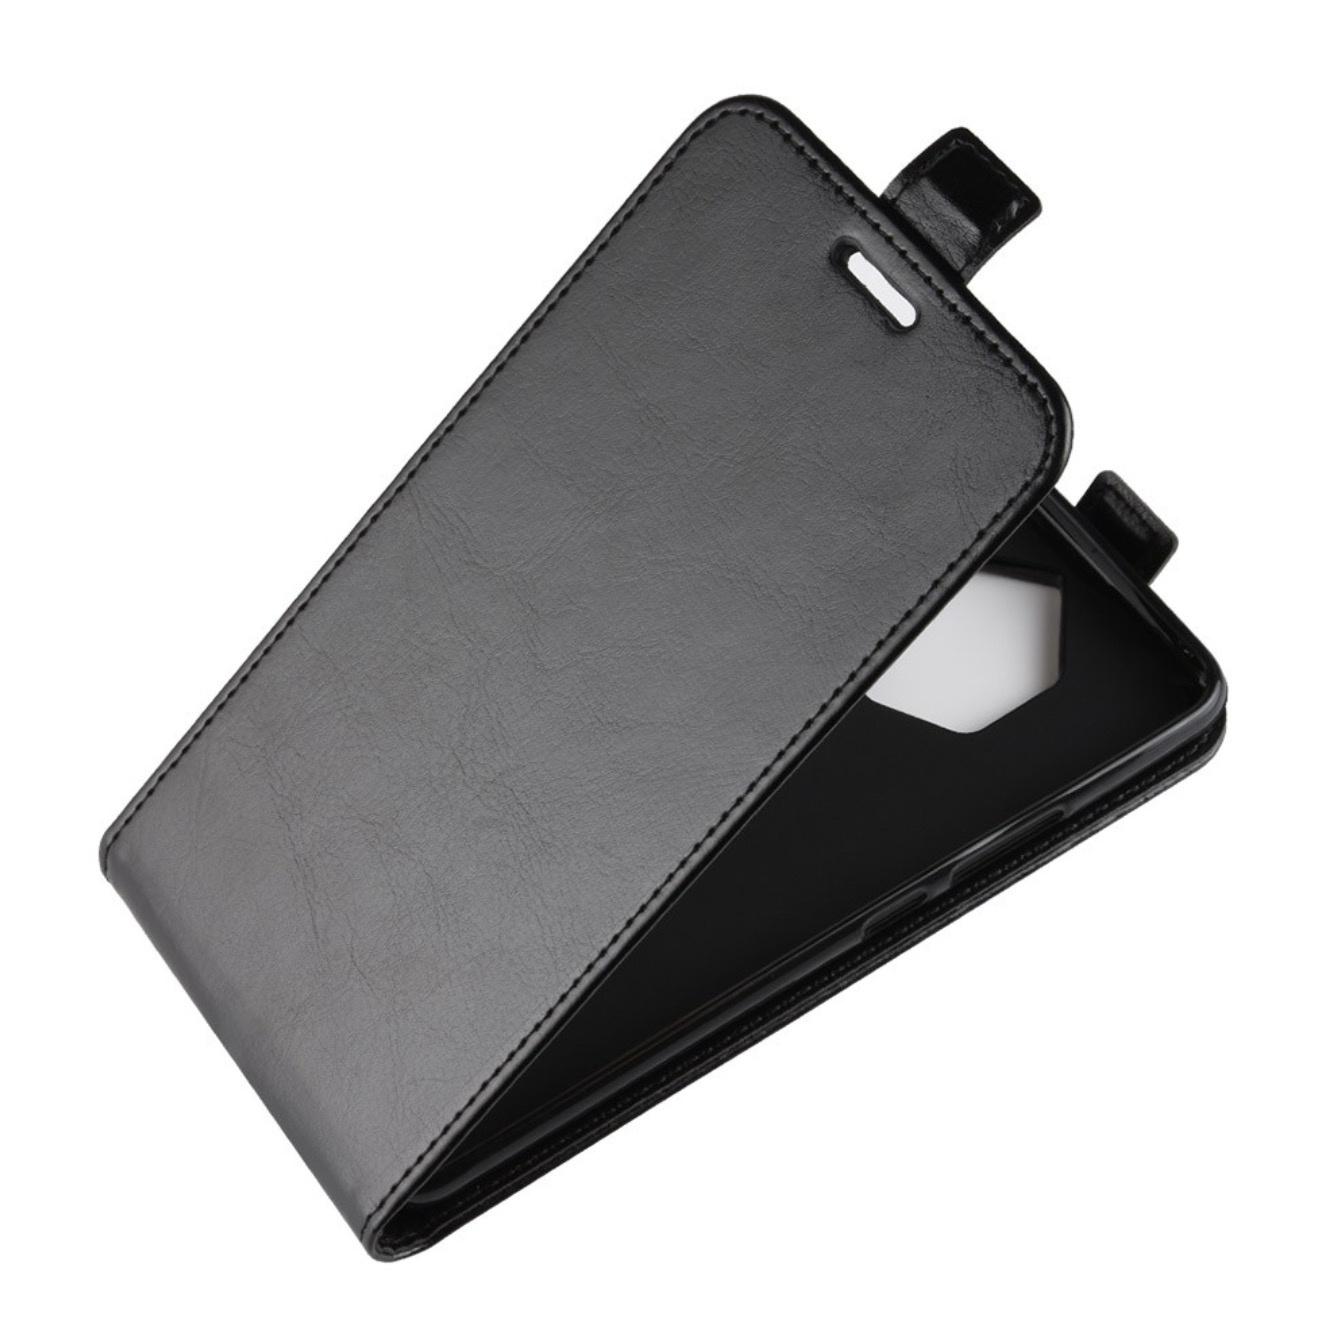 Чехол-флип MyPads для LG G3 D855 вертикальный откидной черный аккумулятор для телефона ibatt bl 53yh для lg d855 g3 d690 d690 g3 stylus d851 g3 d850 g3 d856 lg g3 dual lte vs985 g3 ls990 g3 d690n f400 g3 aka